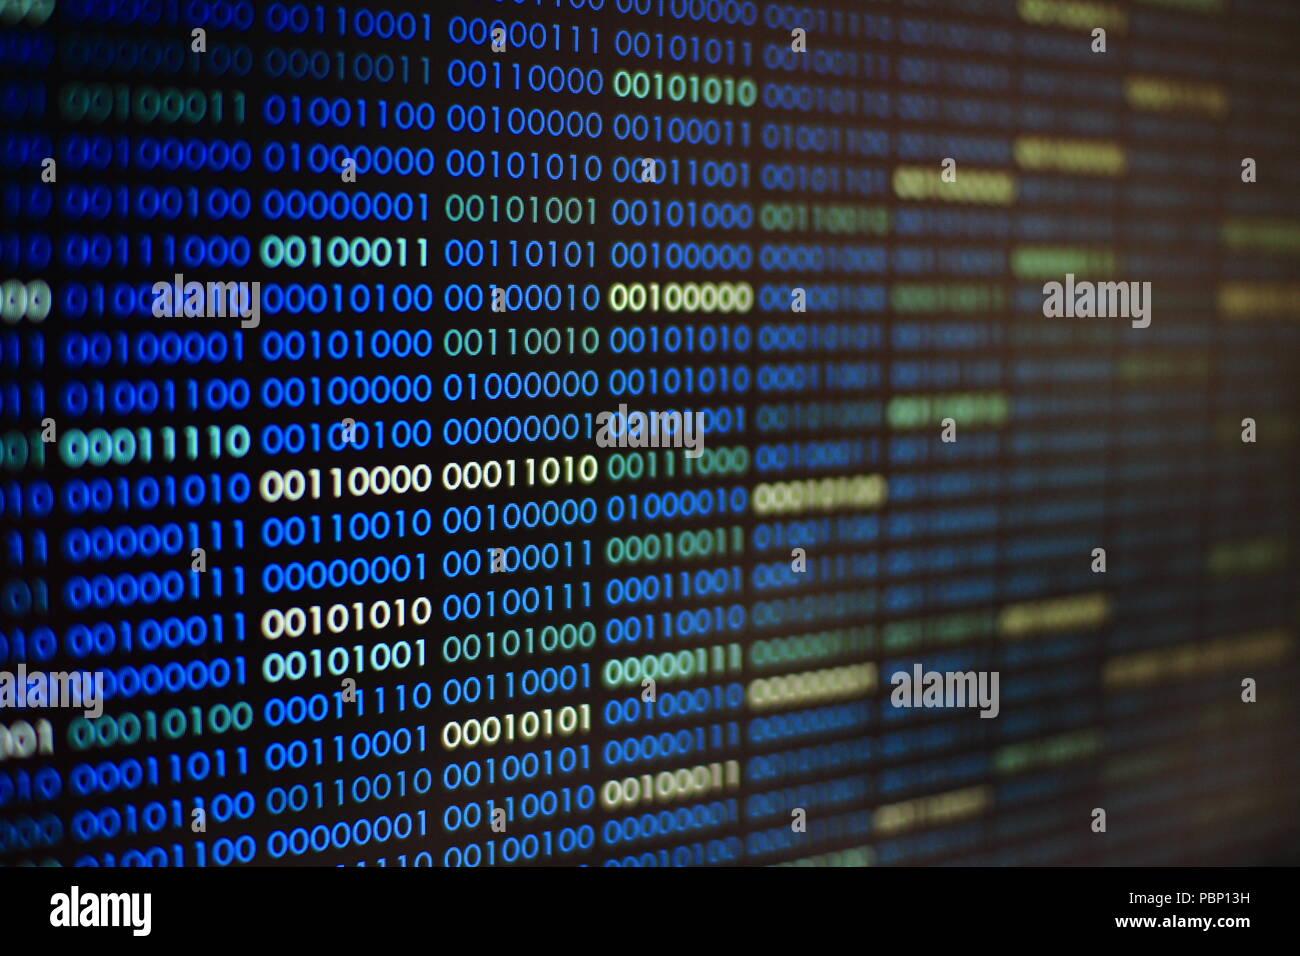 Blau ist der binäre Code. Blocks binärer Daten. Blockchain Konzept. Blauer Hintergrund mit dem binären Code Bit Nummer eins und null Text. Stockbild